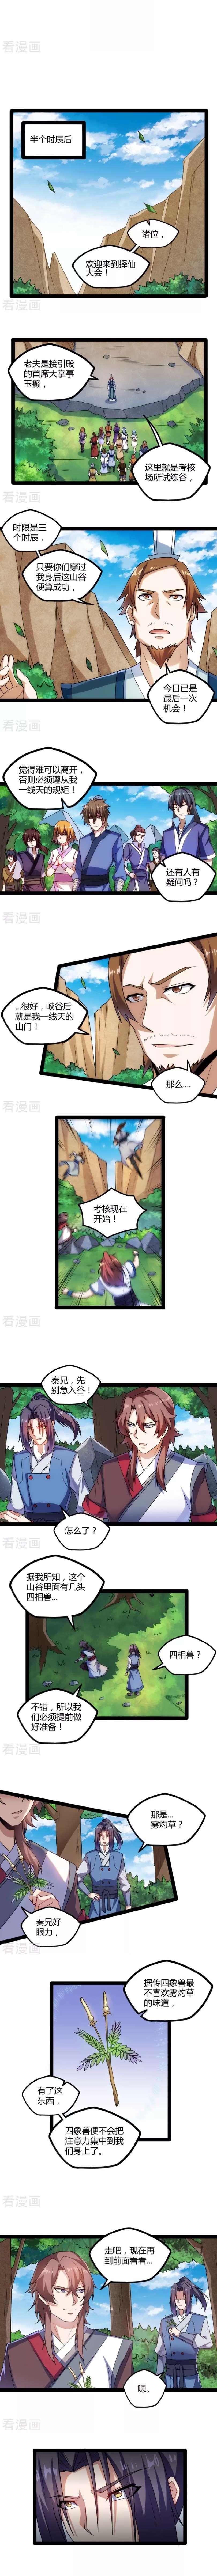 【漫画更新】踏碎仙河~